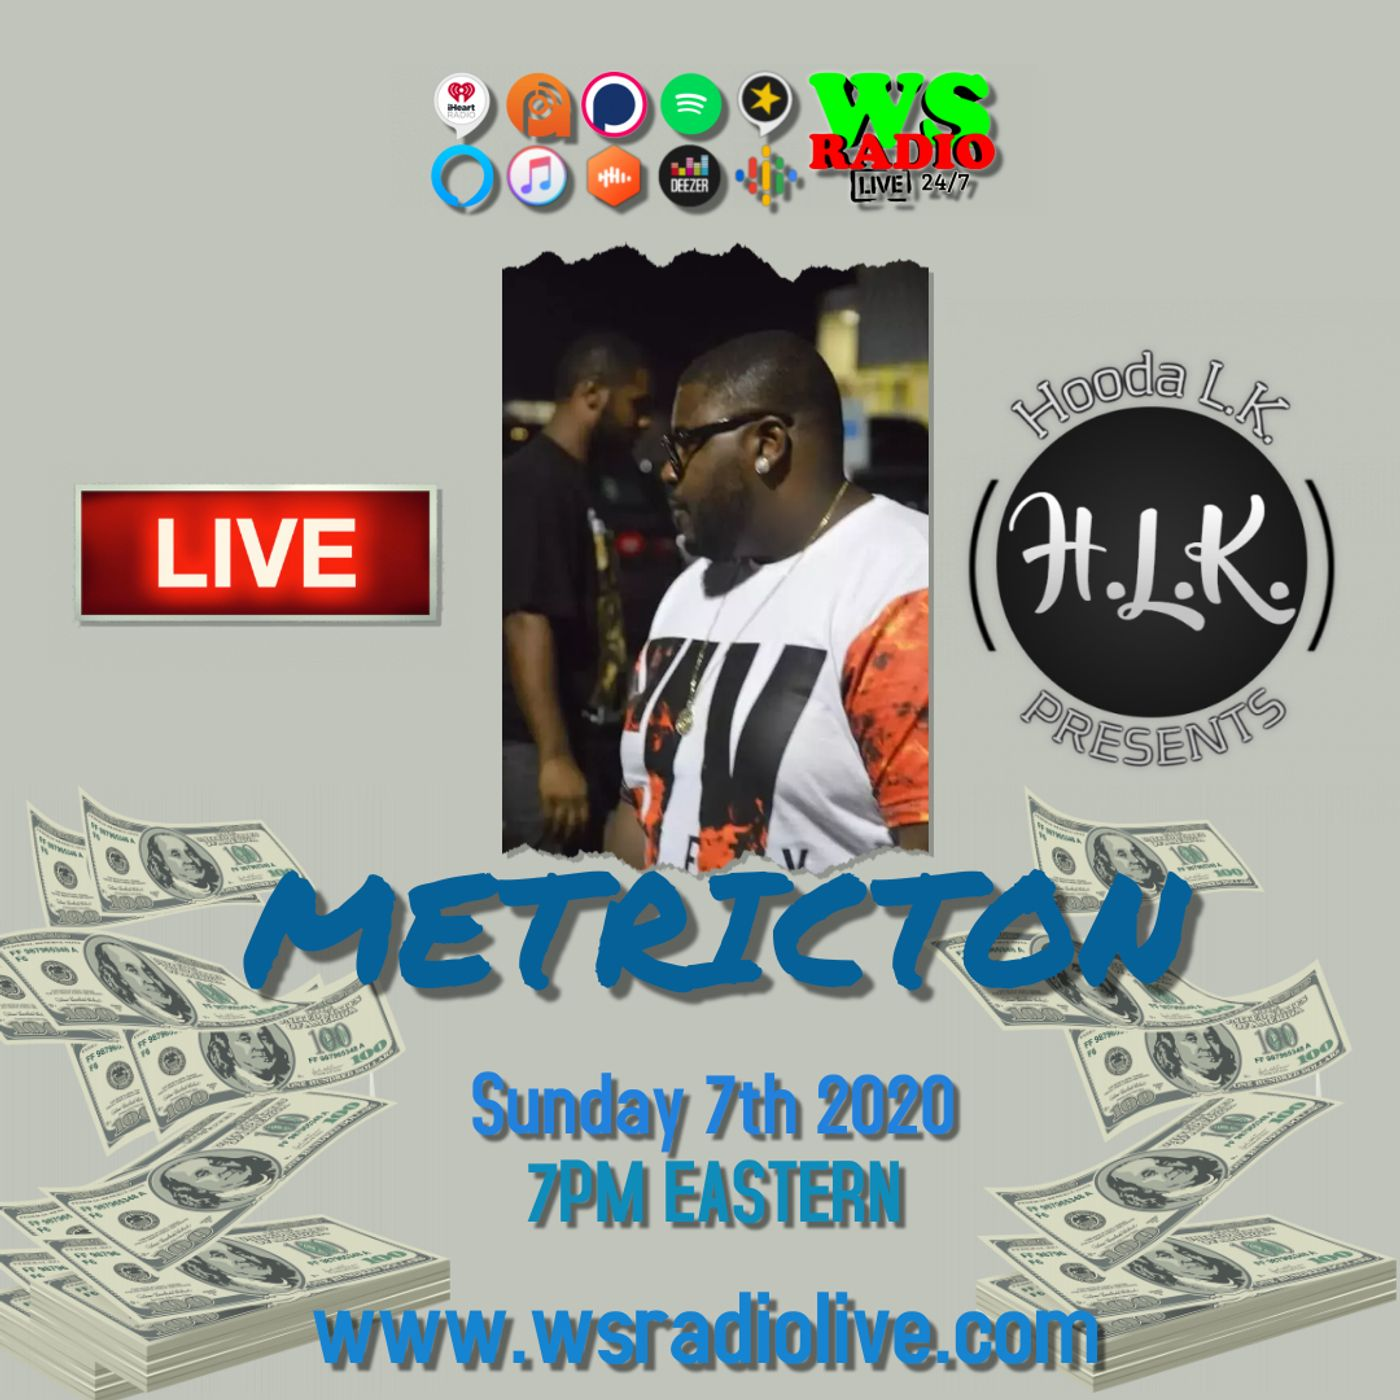 Hooda LK Presents Metricton